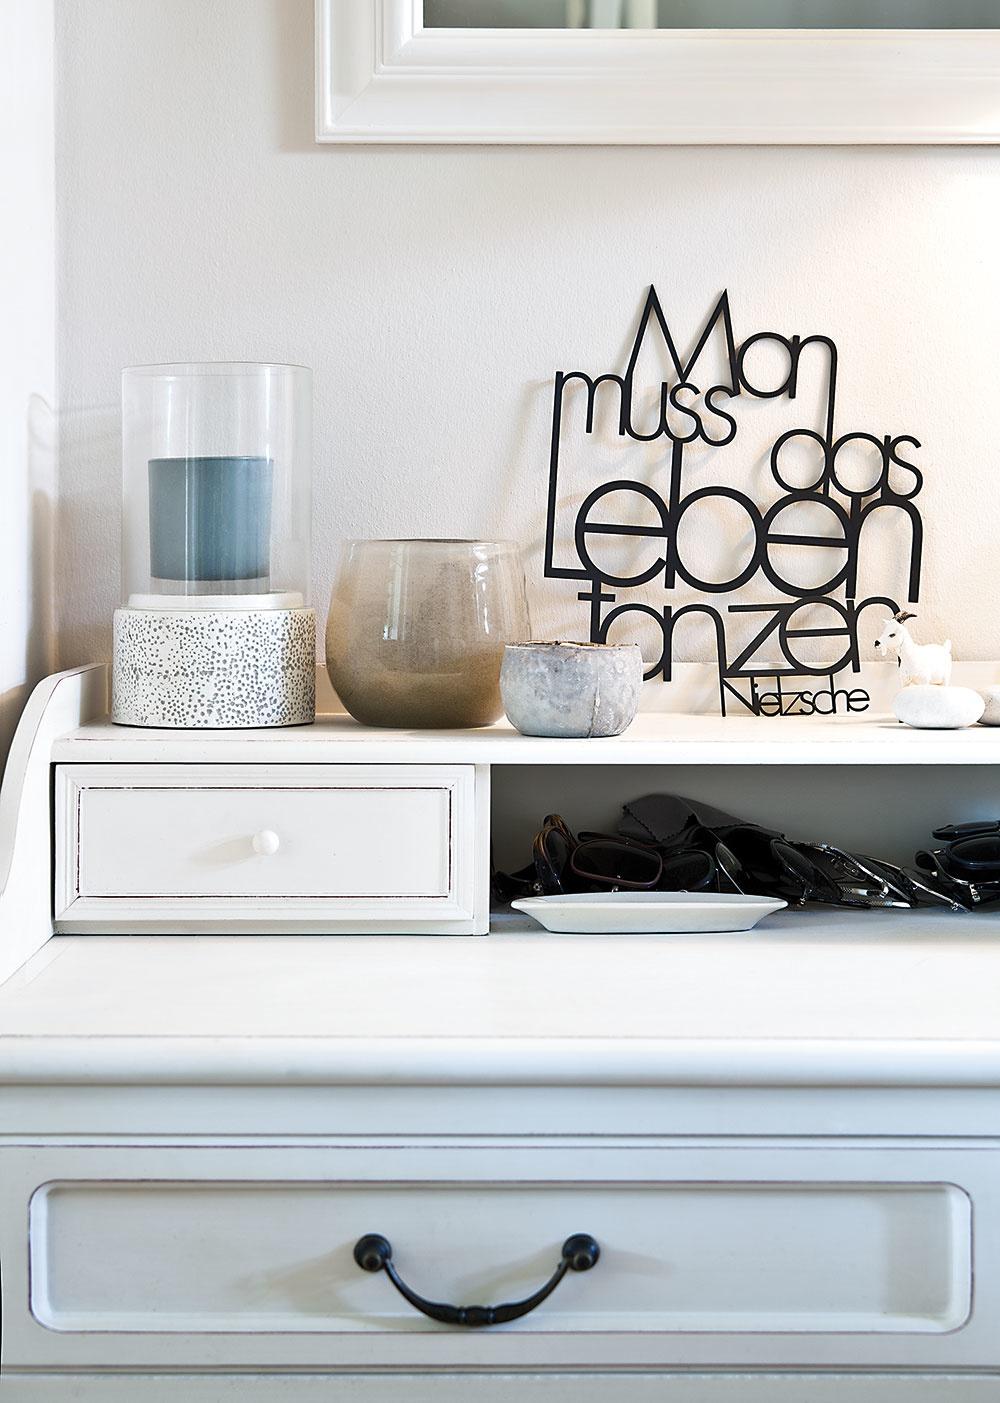 DOPLNKY majitelia starostlivo vyberali tak, aby farebne ladili so zvyškom domácnosti.